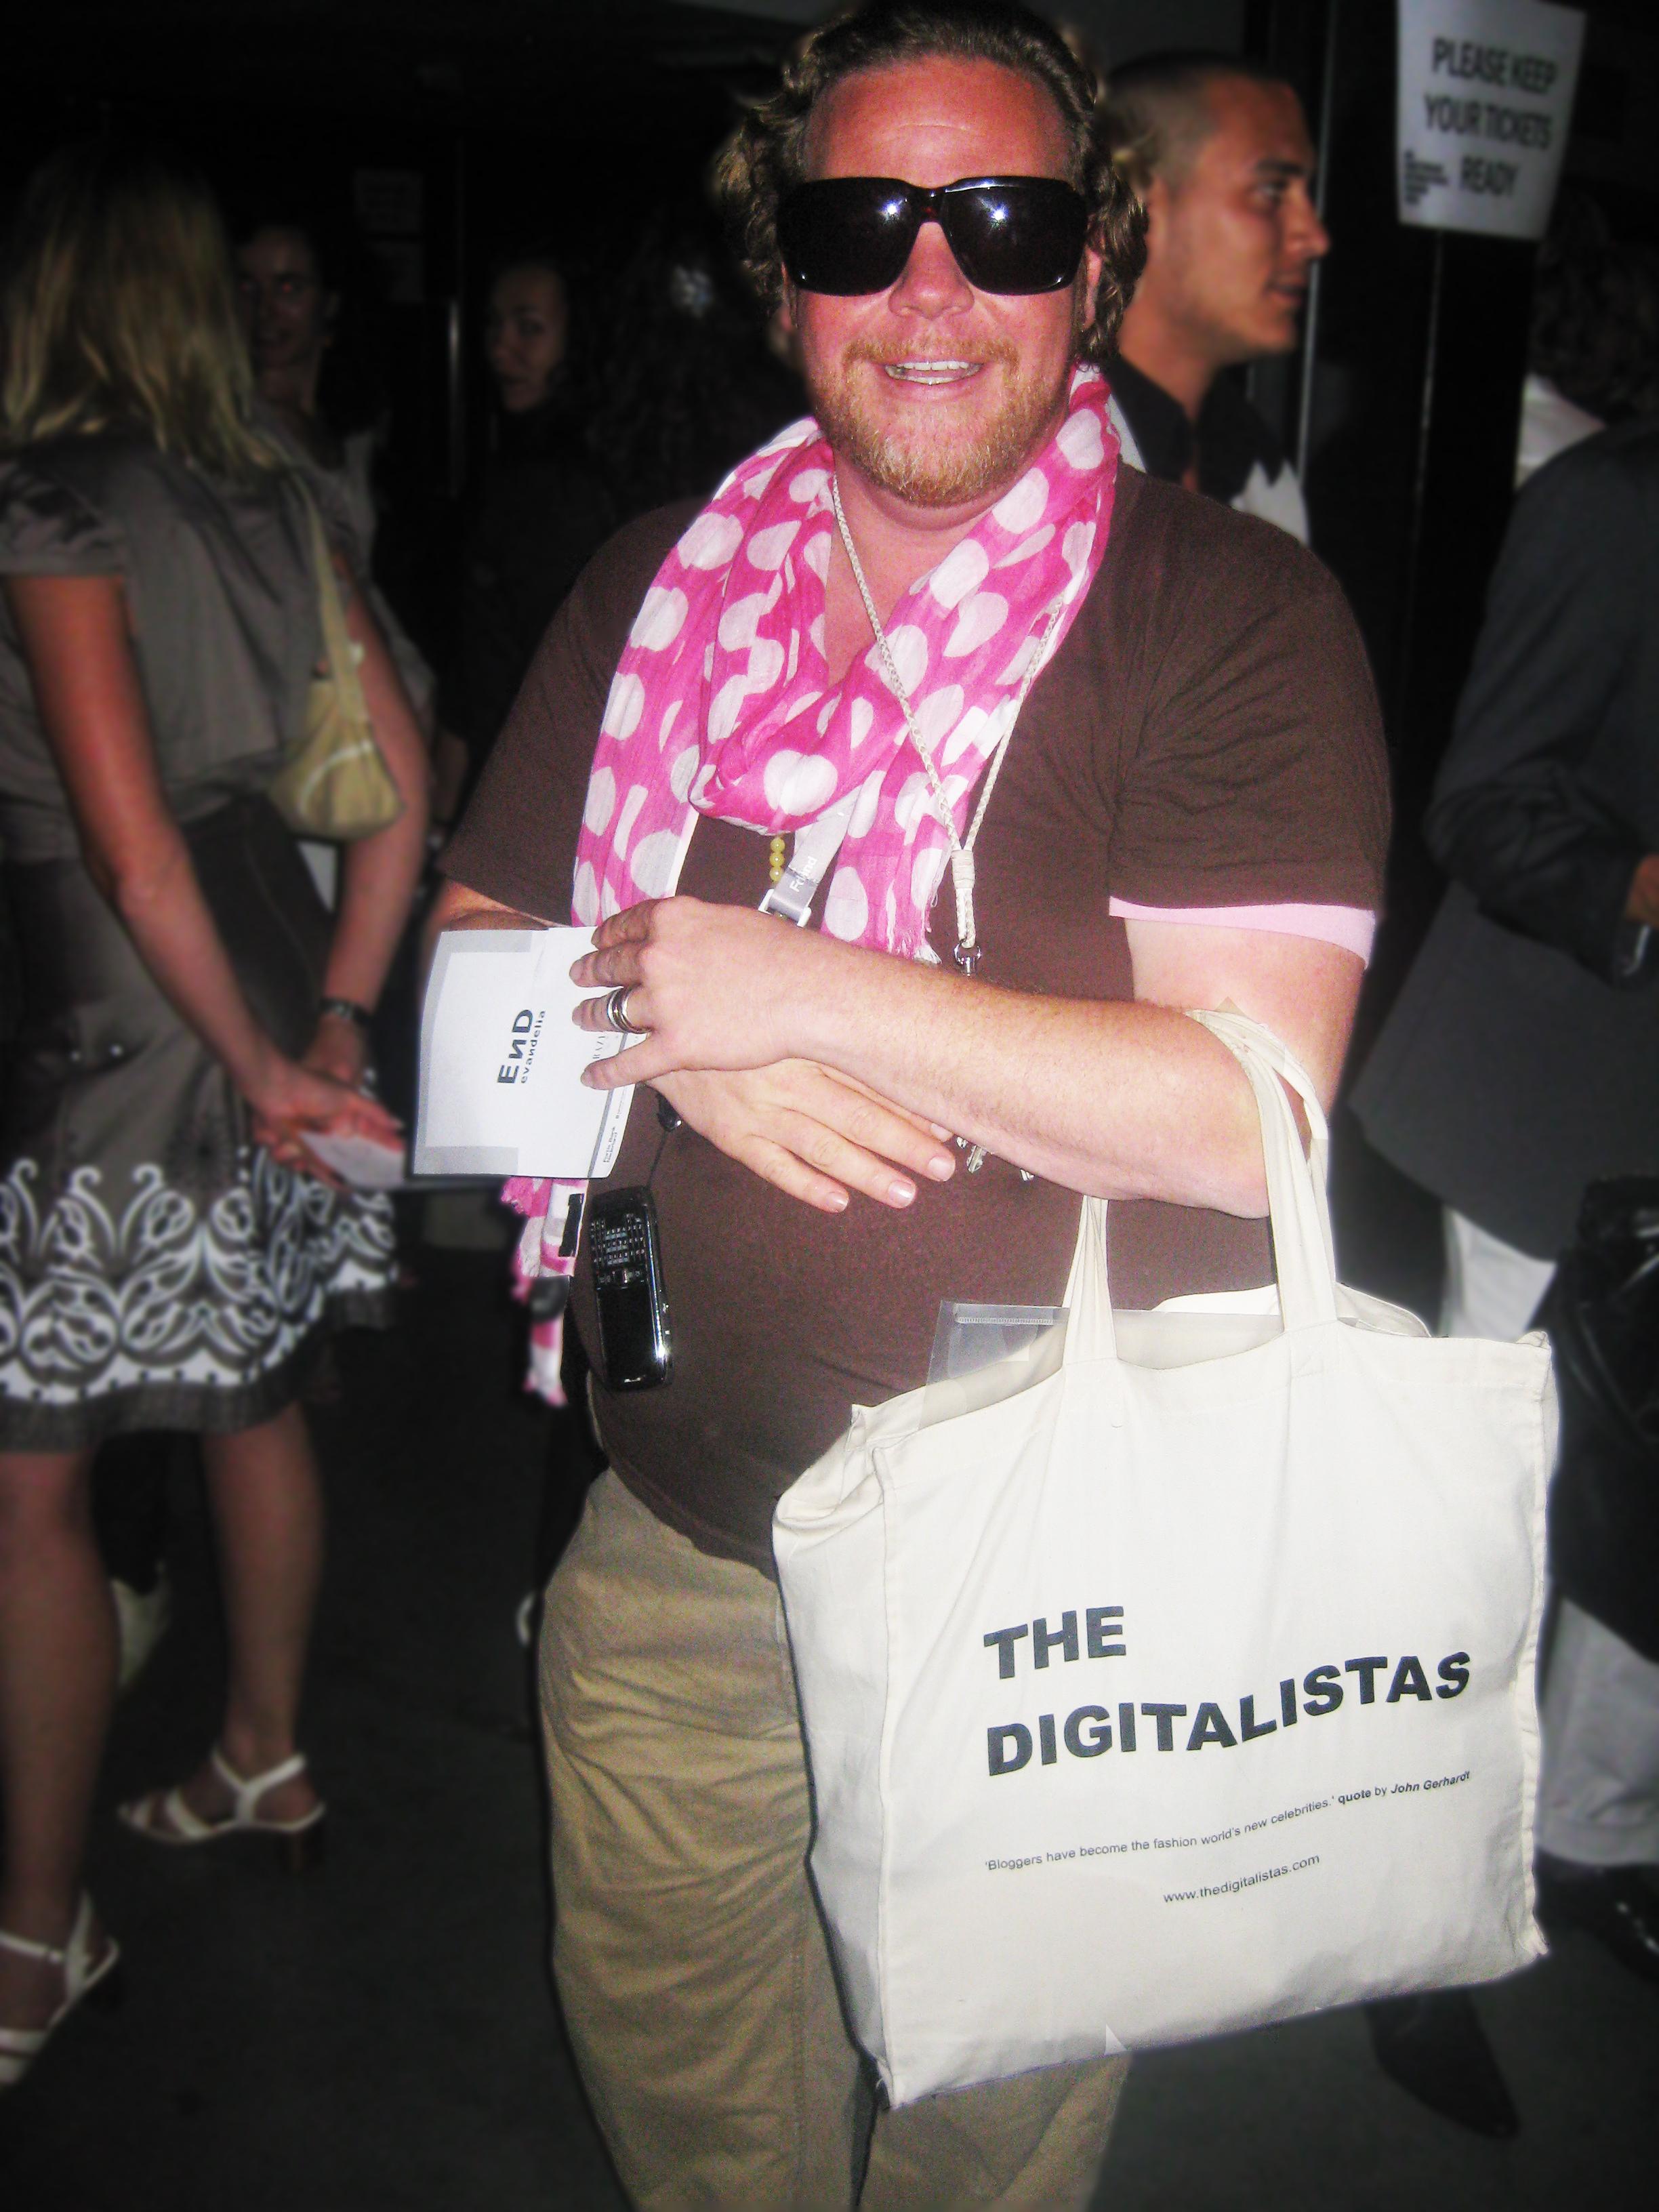 Dutch stylist Bastiaan van Schaik with the DigitalisTAS